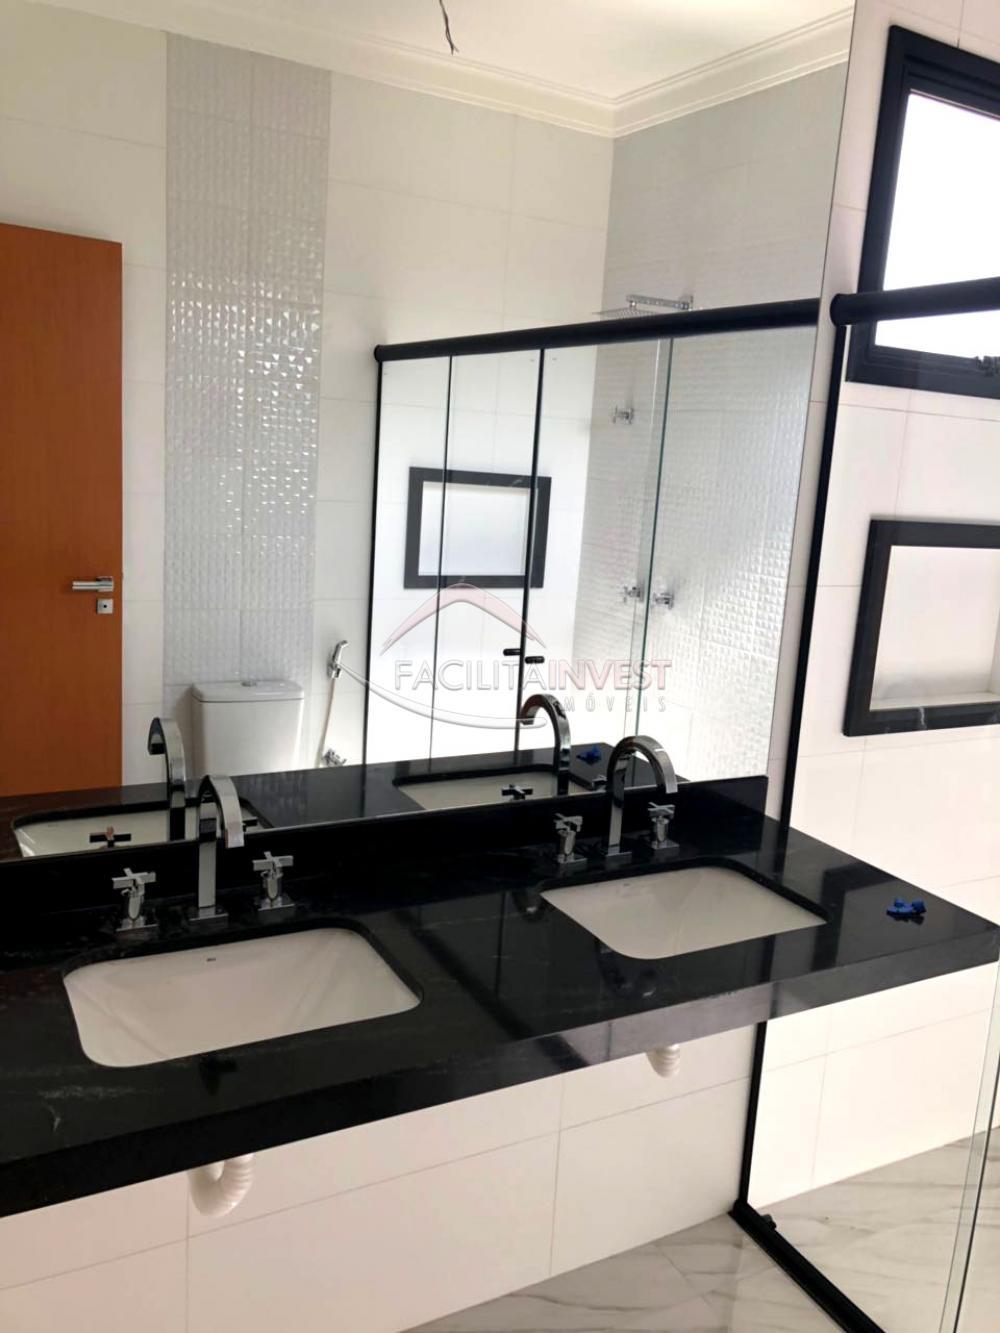 Comprar Casa Condomínio / Casa Condomínio em Ribeirão Preto apenas R$ 920.000,00 - Foto 15